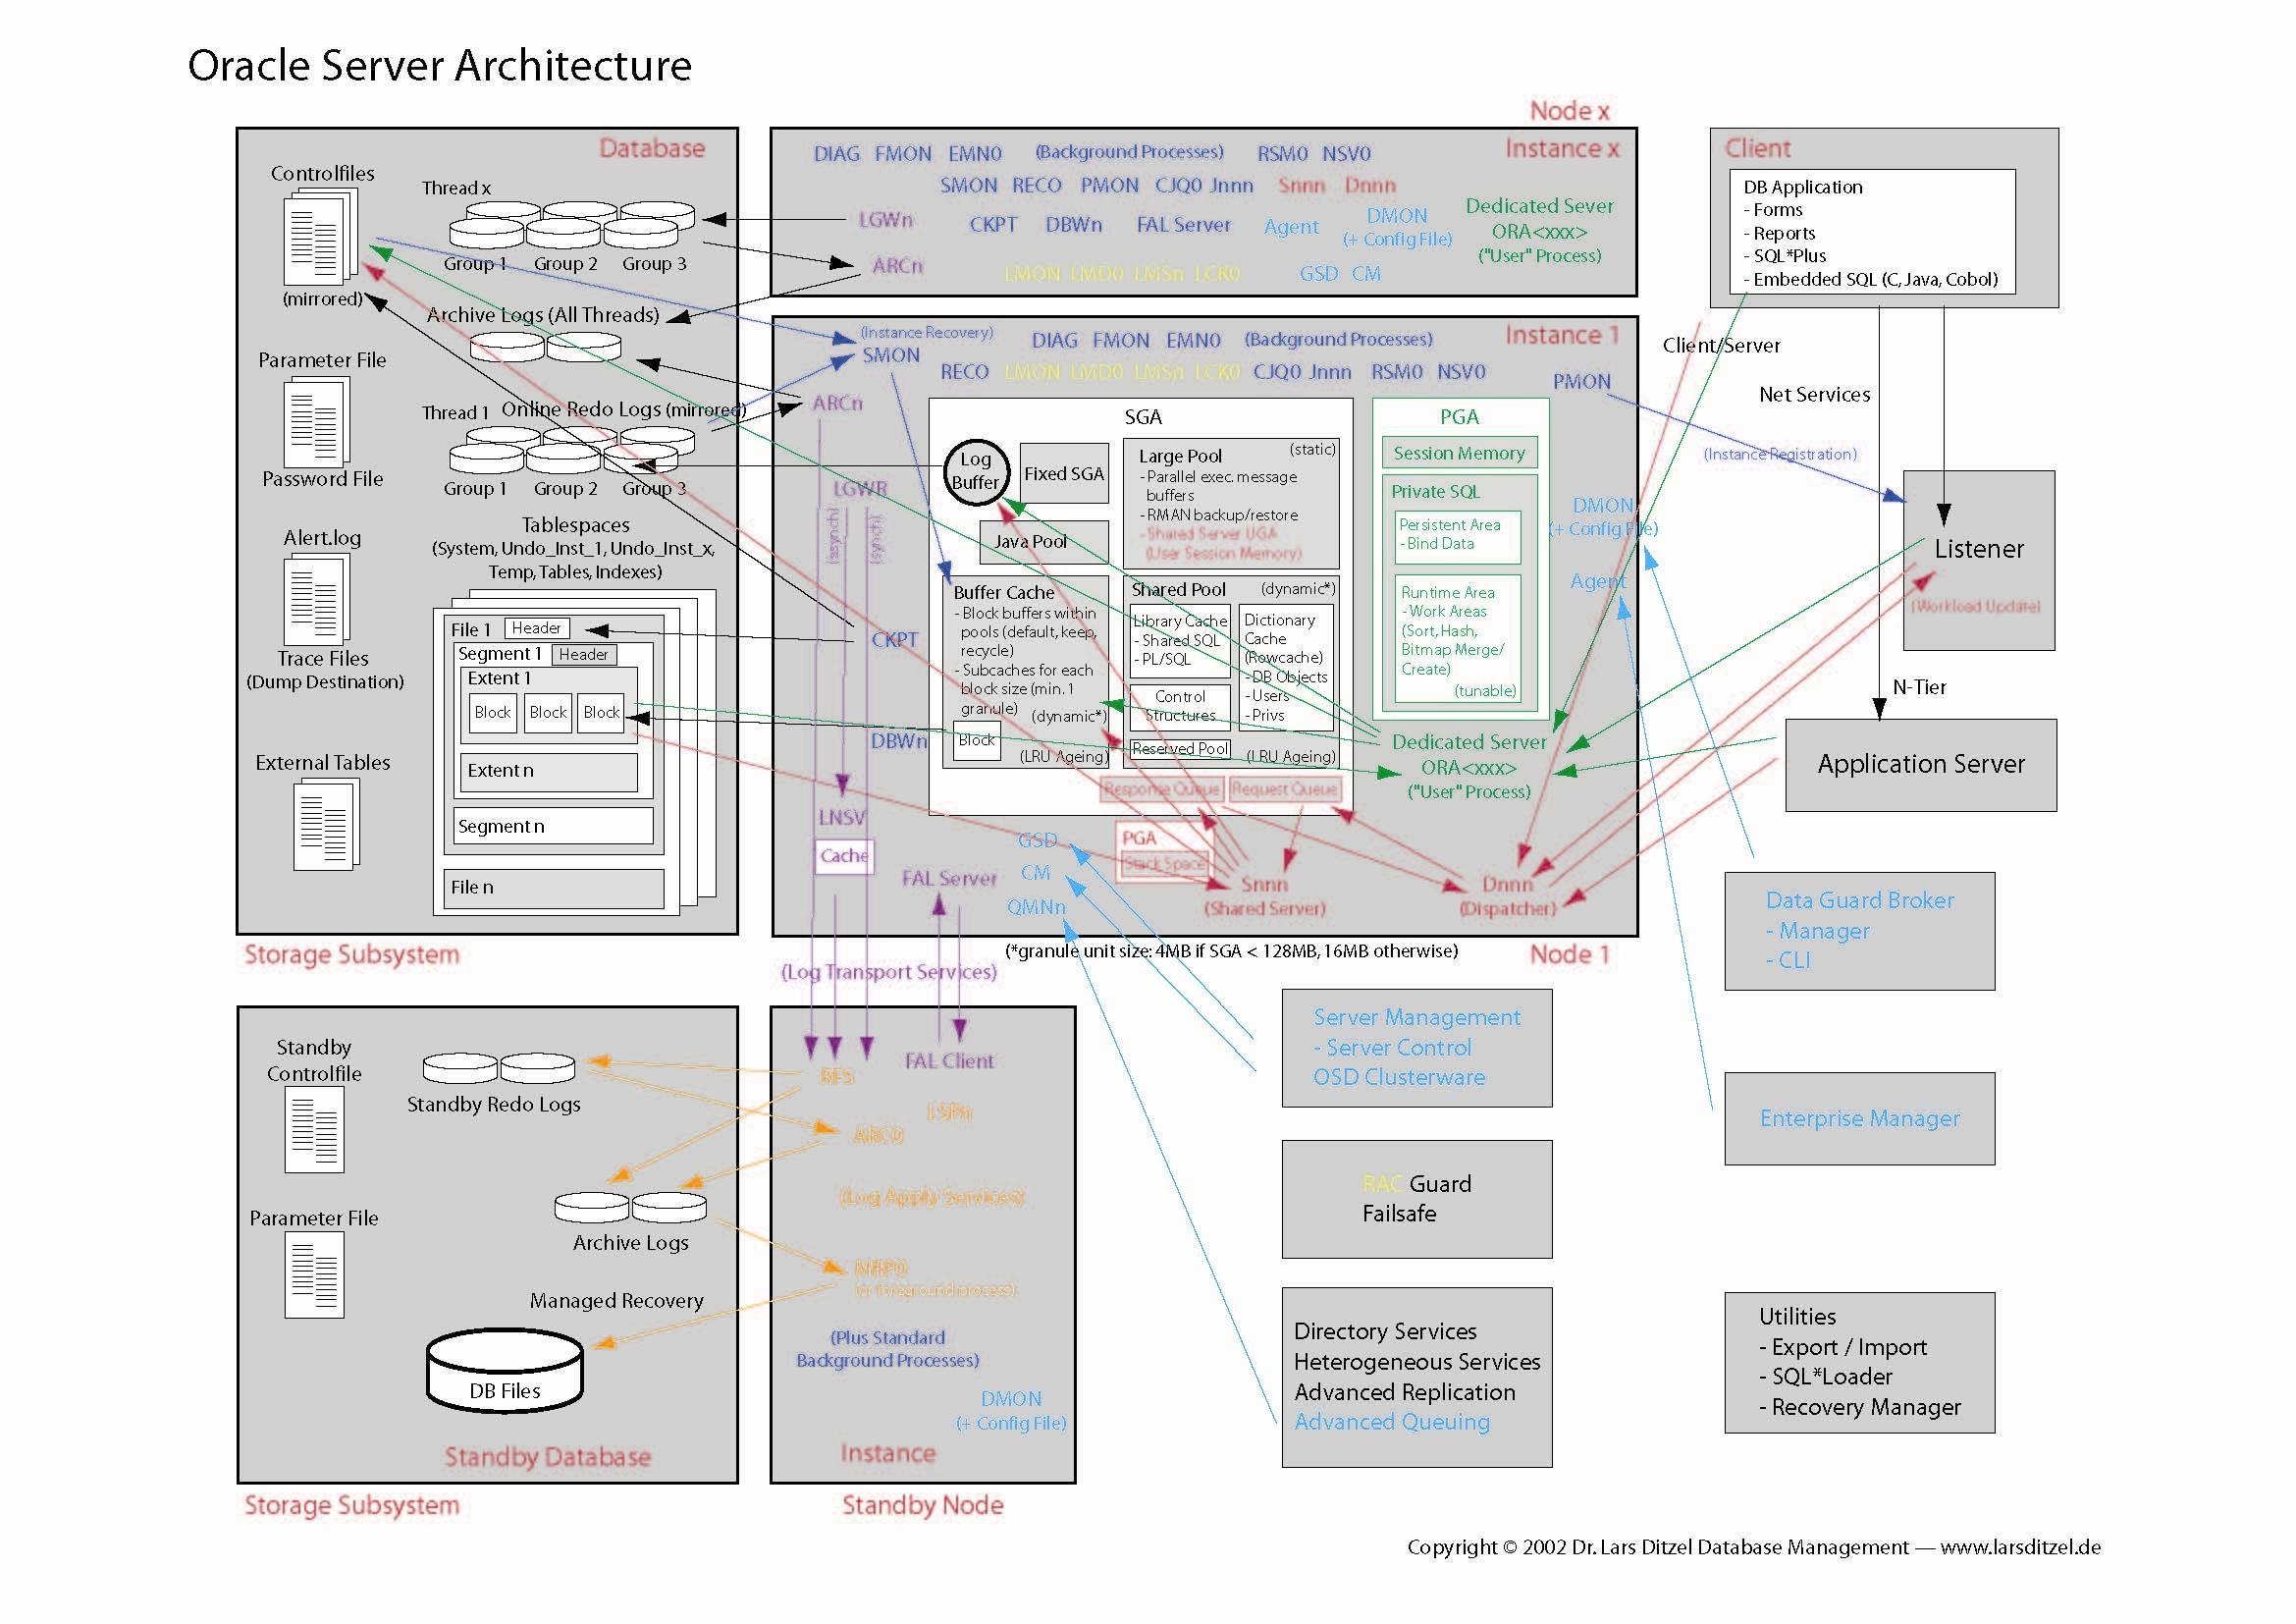 Oracle database 10g architecture figureg23391654 oracle oracle database architecture oraarchg pooptronica Choice Image